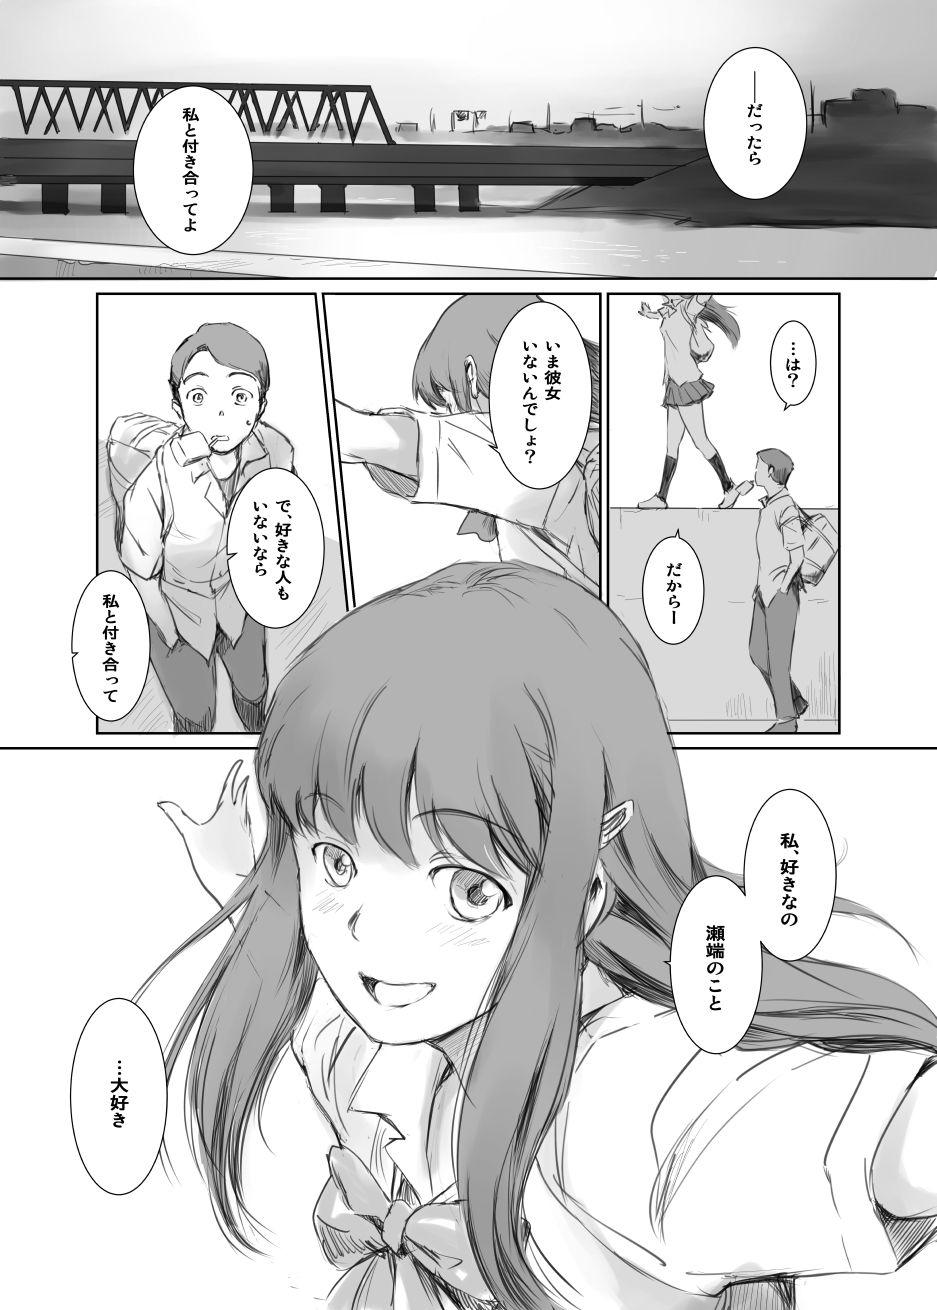 【エロ漫画無料大全集】別れた女が他の男とセックスしてる姿…なんかモヤモヤするよなwww